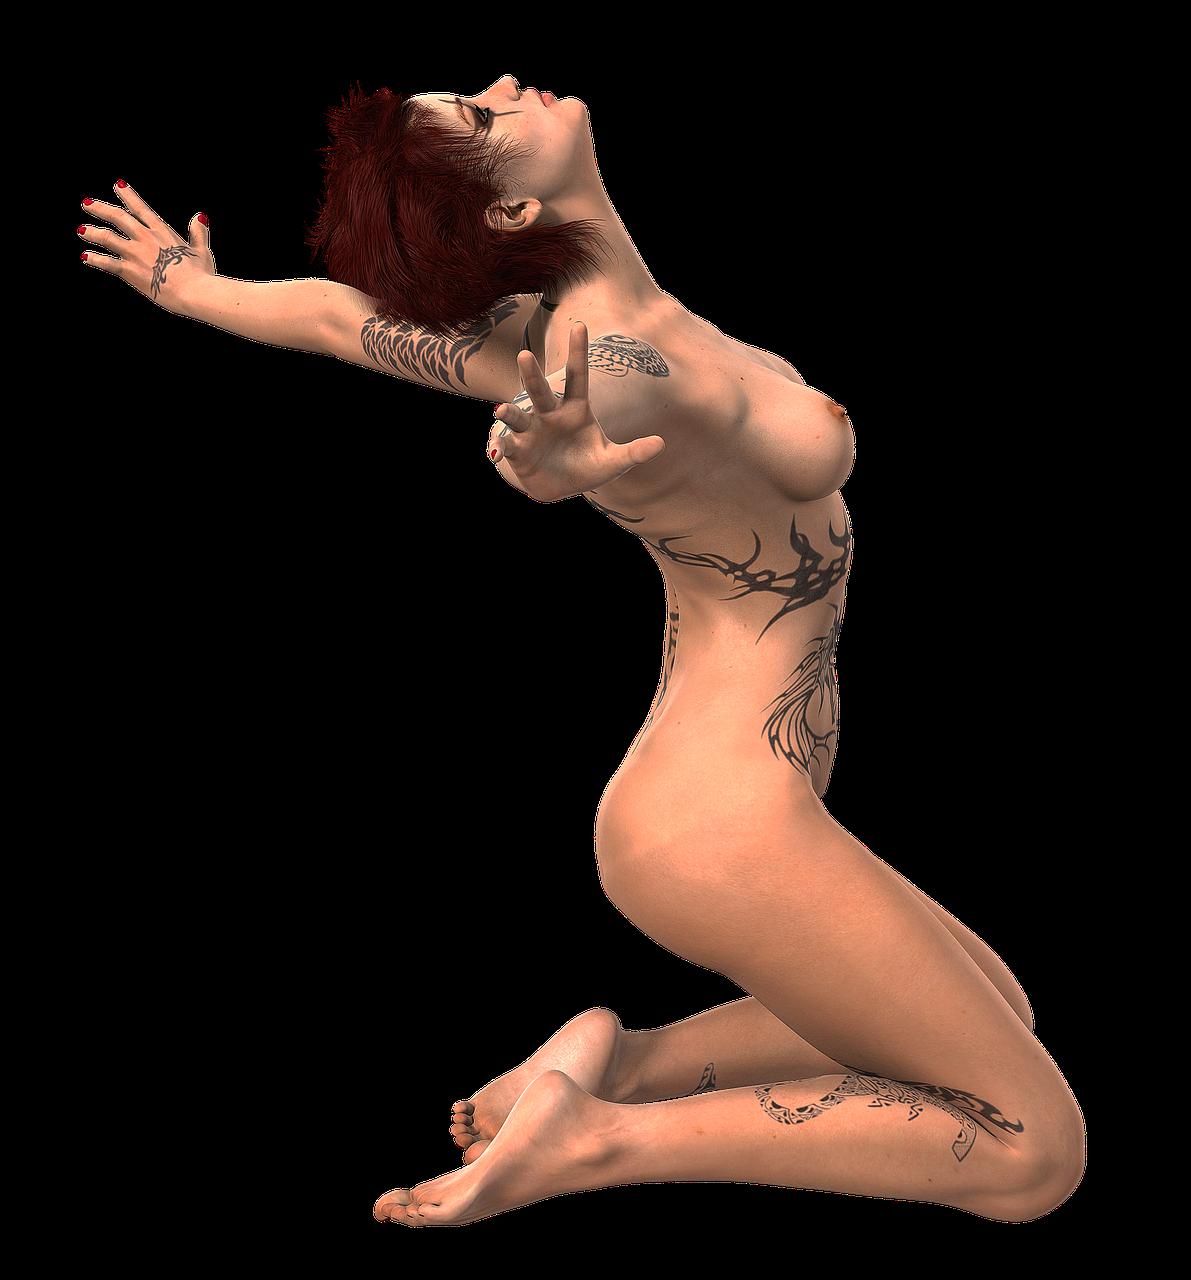 Naked Sitting Lady